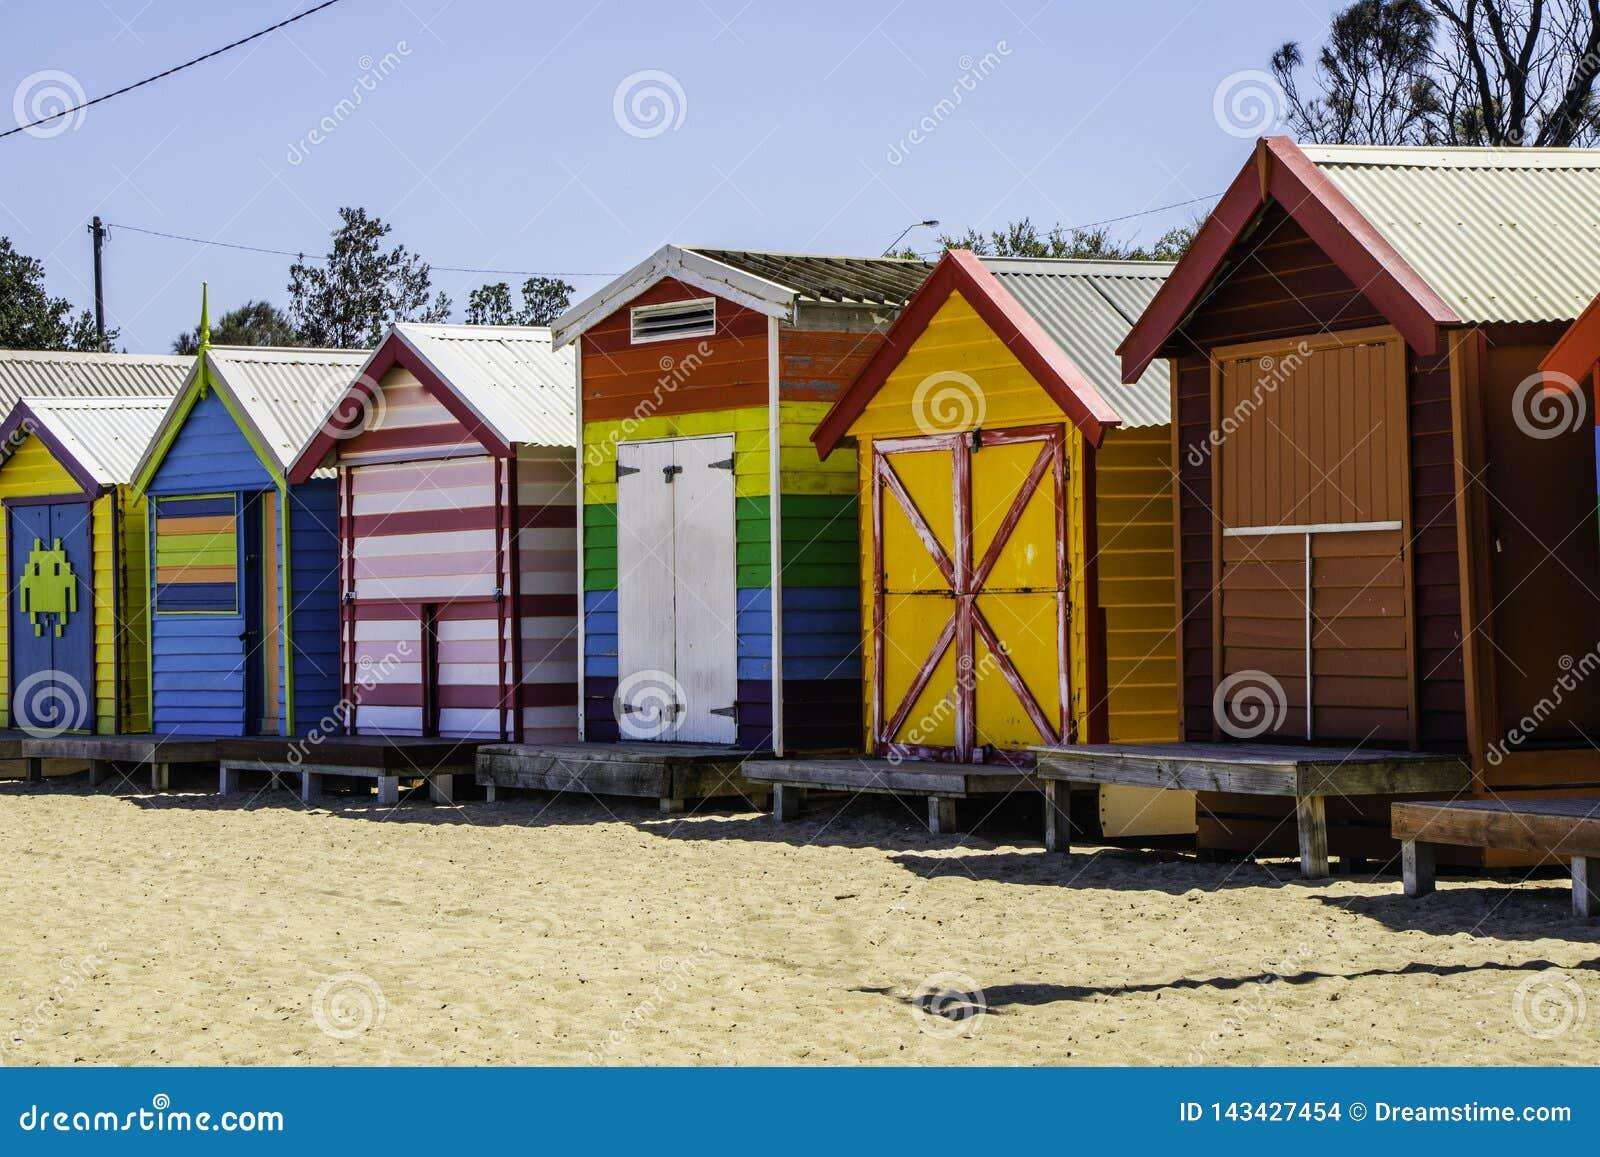 Ζωηρόχρωμα σπίτια στην παραλία στη Μελβούρνη Αυστραλία